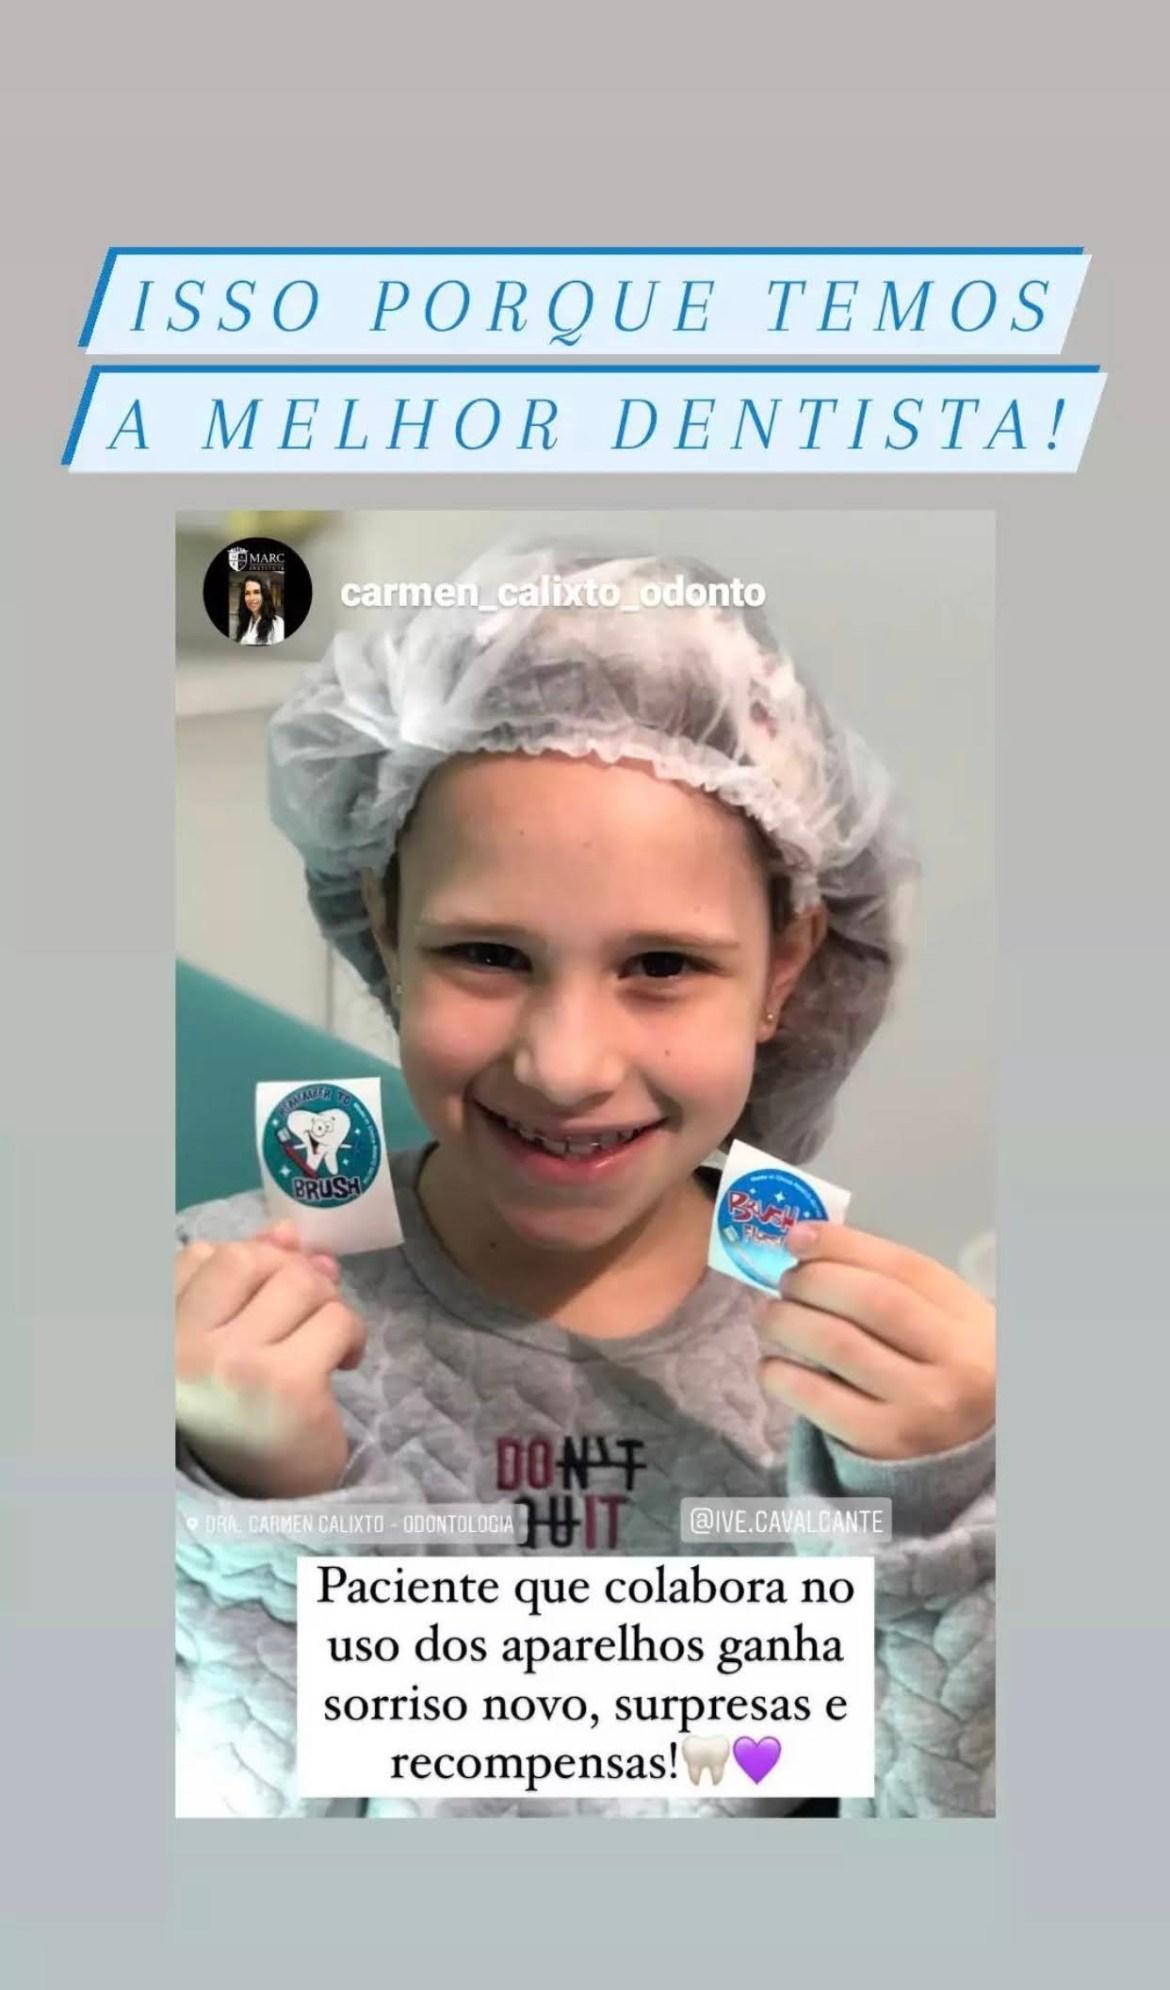 Dentista e crianças